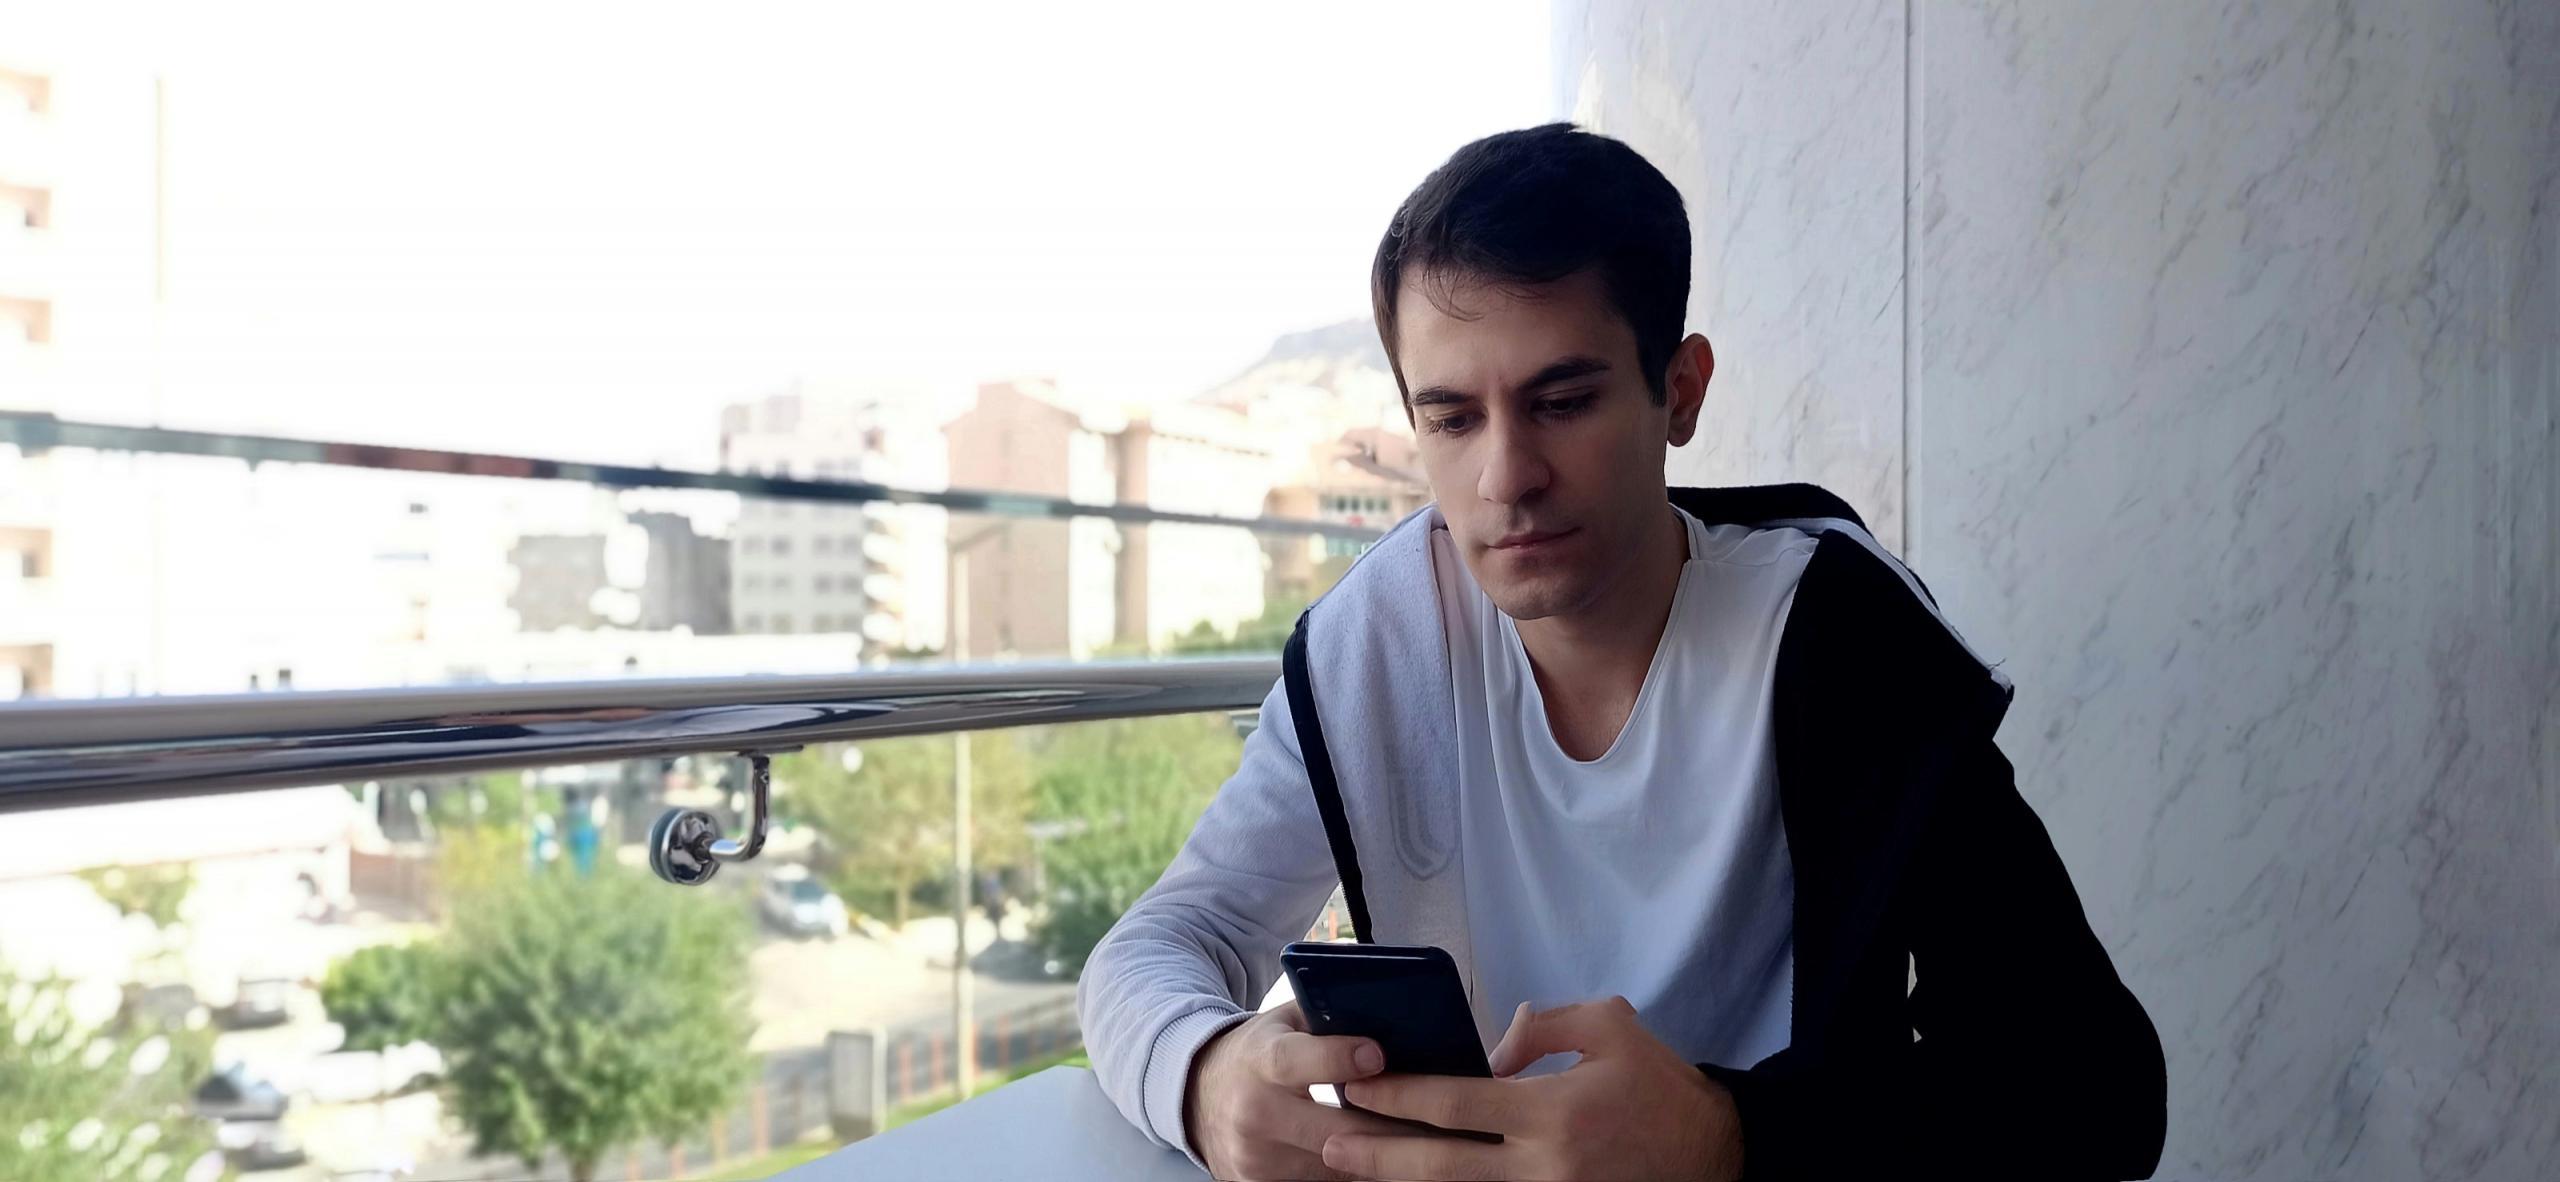 Rüzgar Sertkaya İstanbul'da Dijital Medya Eğitimi Veriyor!